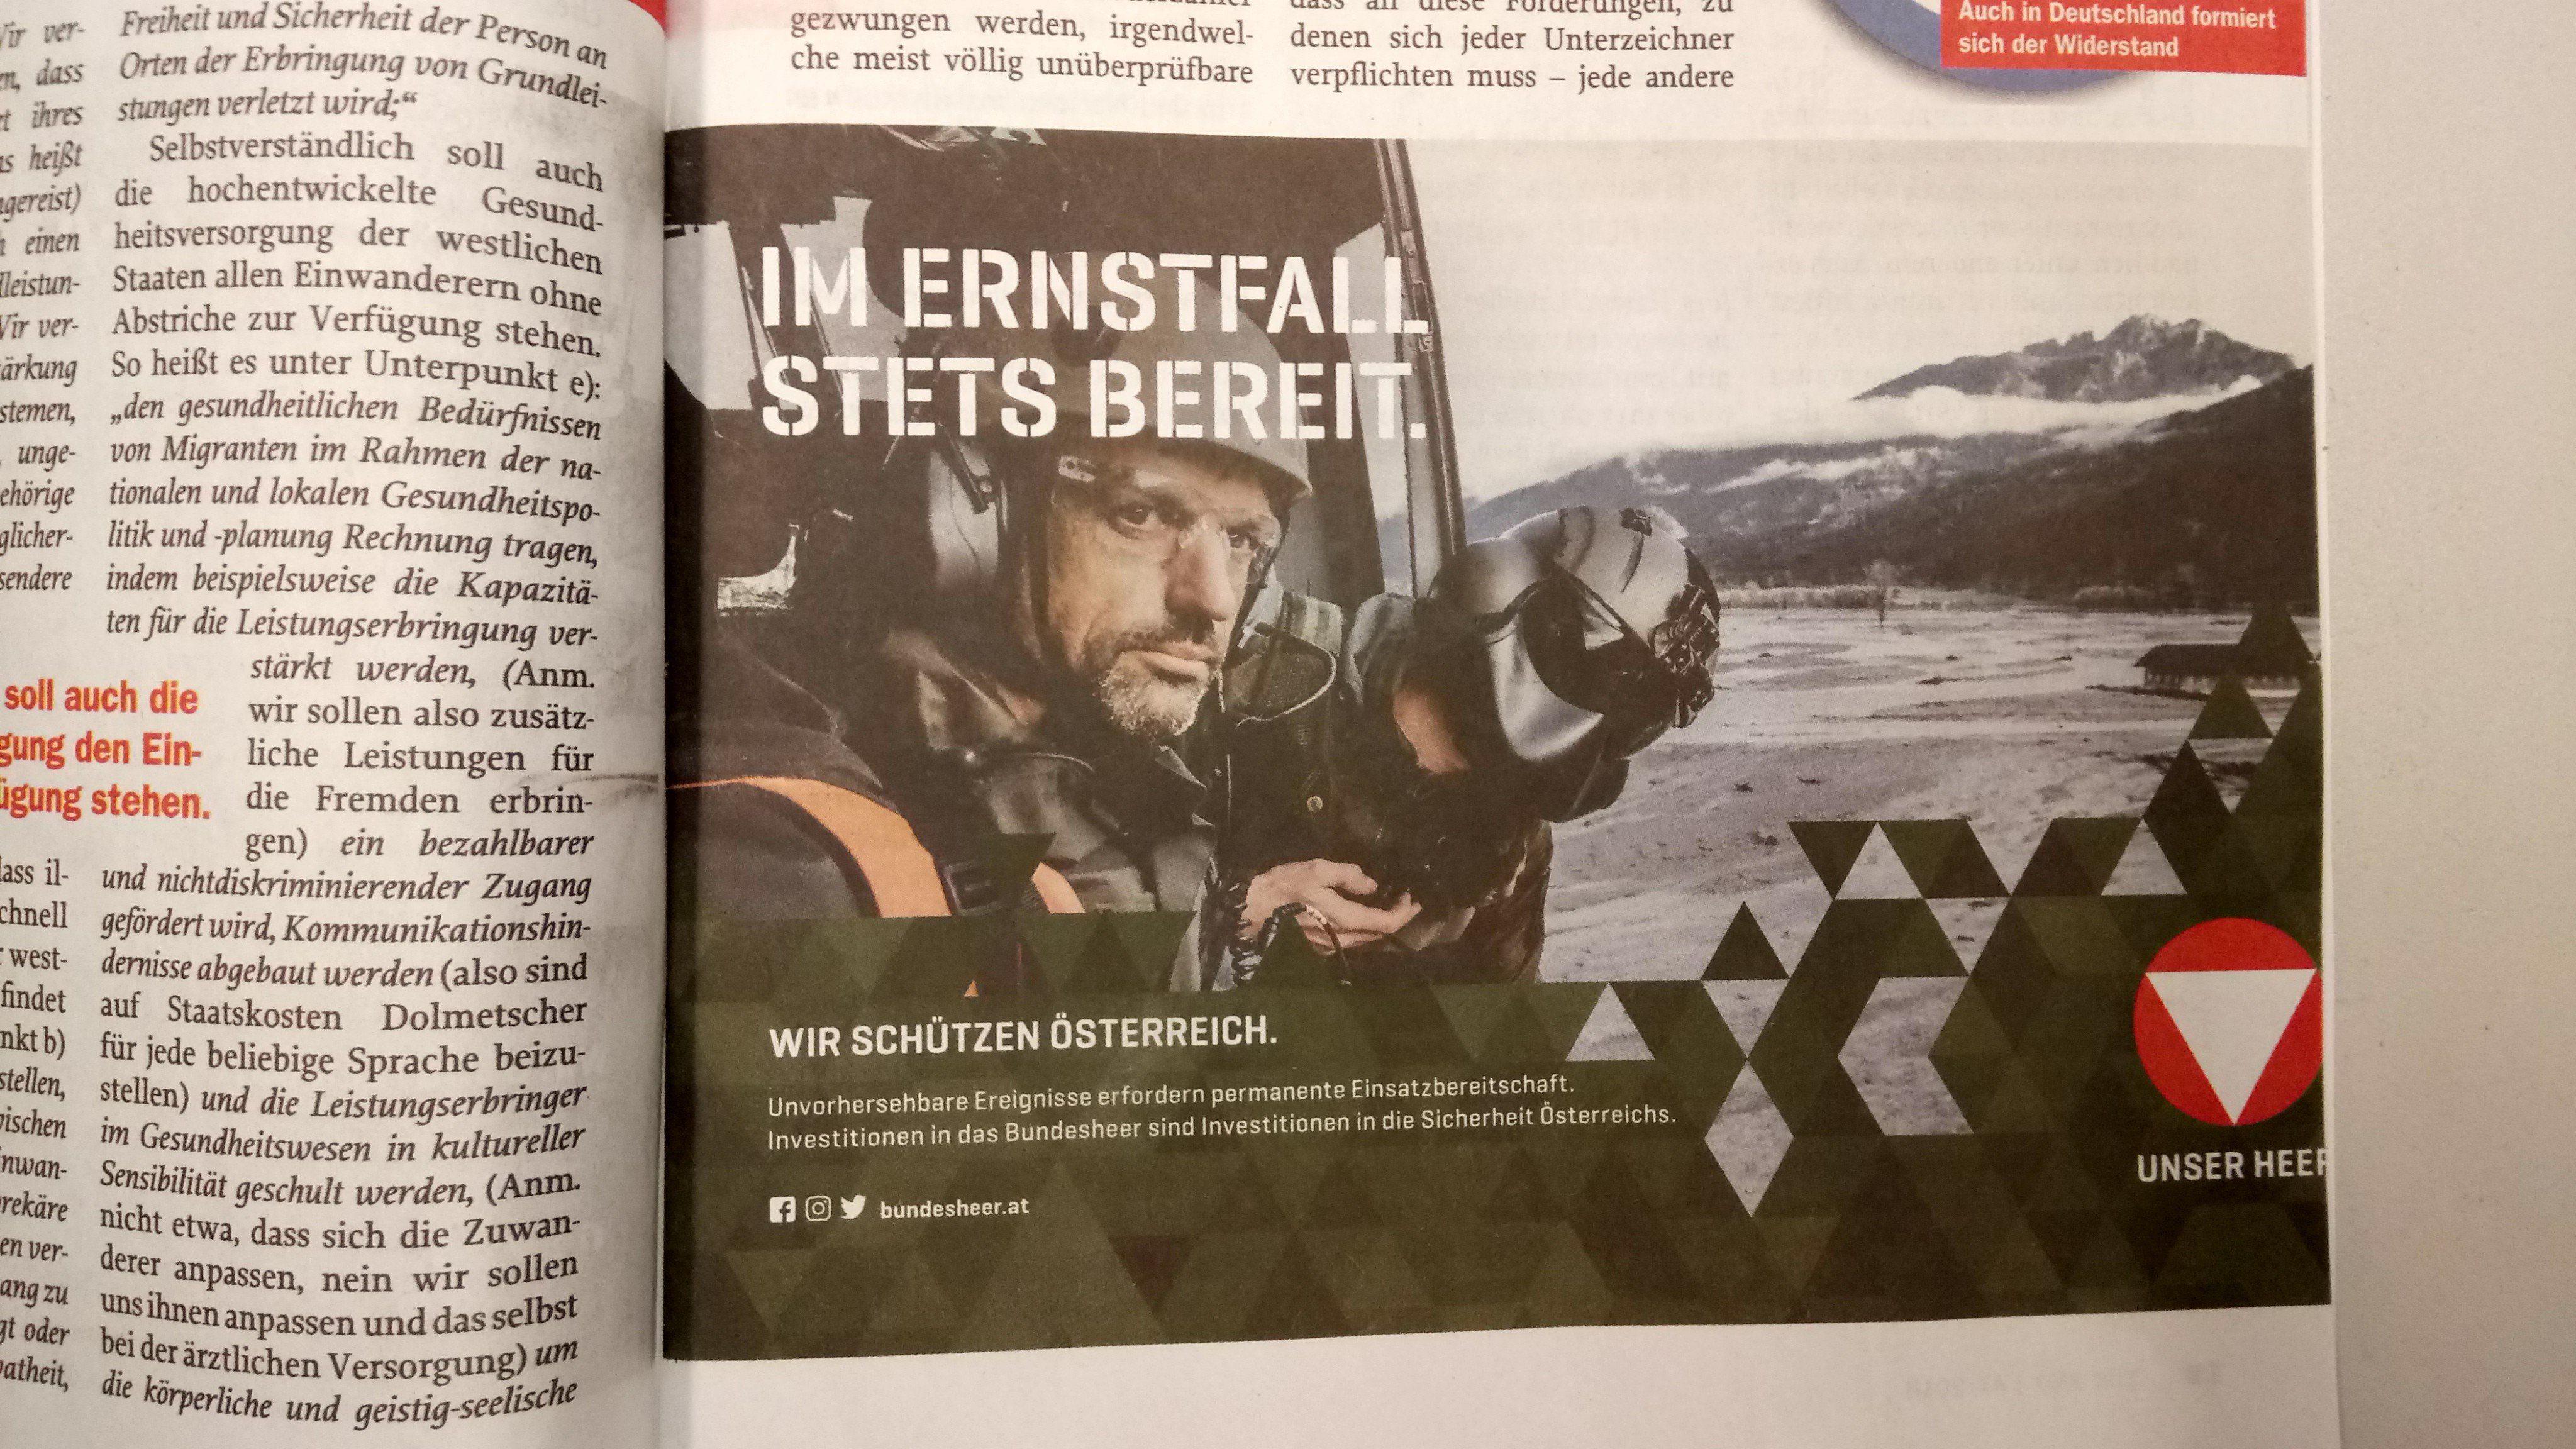 """Inserat BMLV in """"Zur Zeit"""" (Ausgaben 46 und 47/18)"""